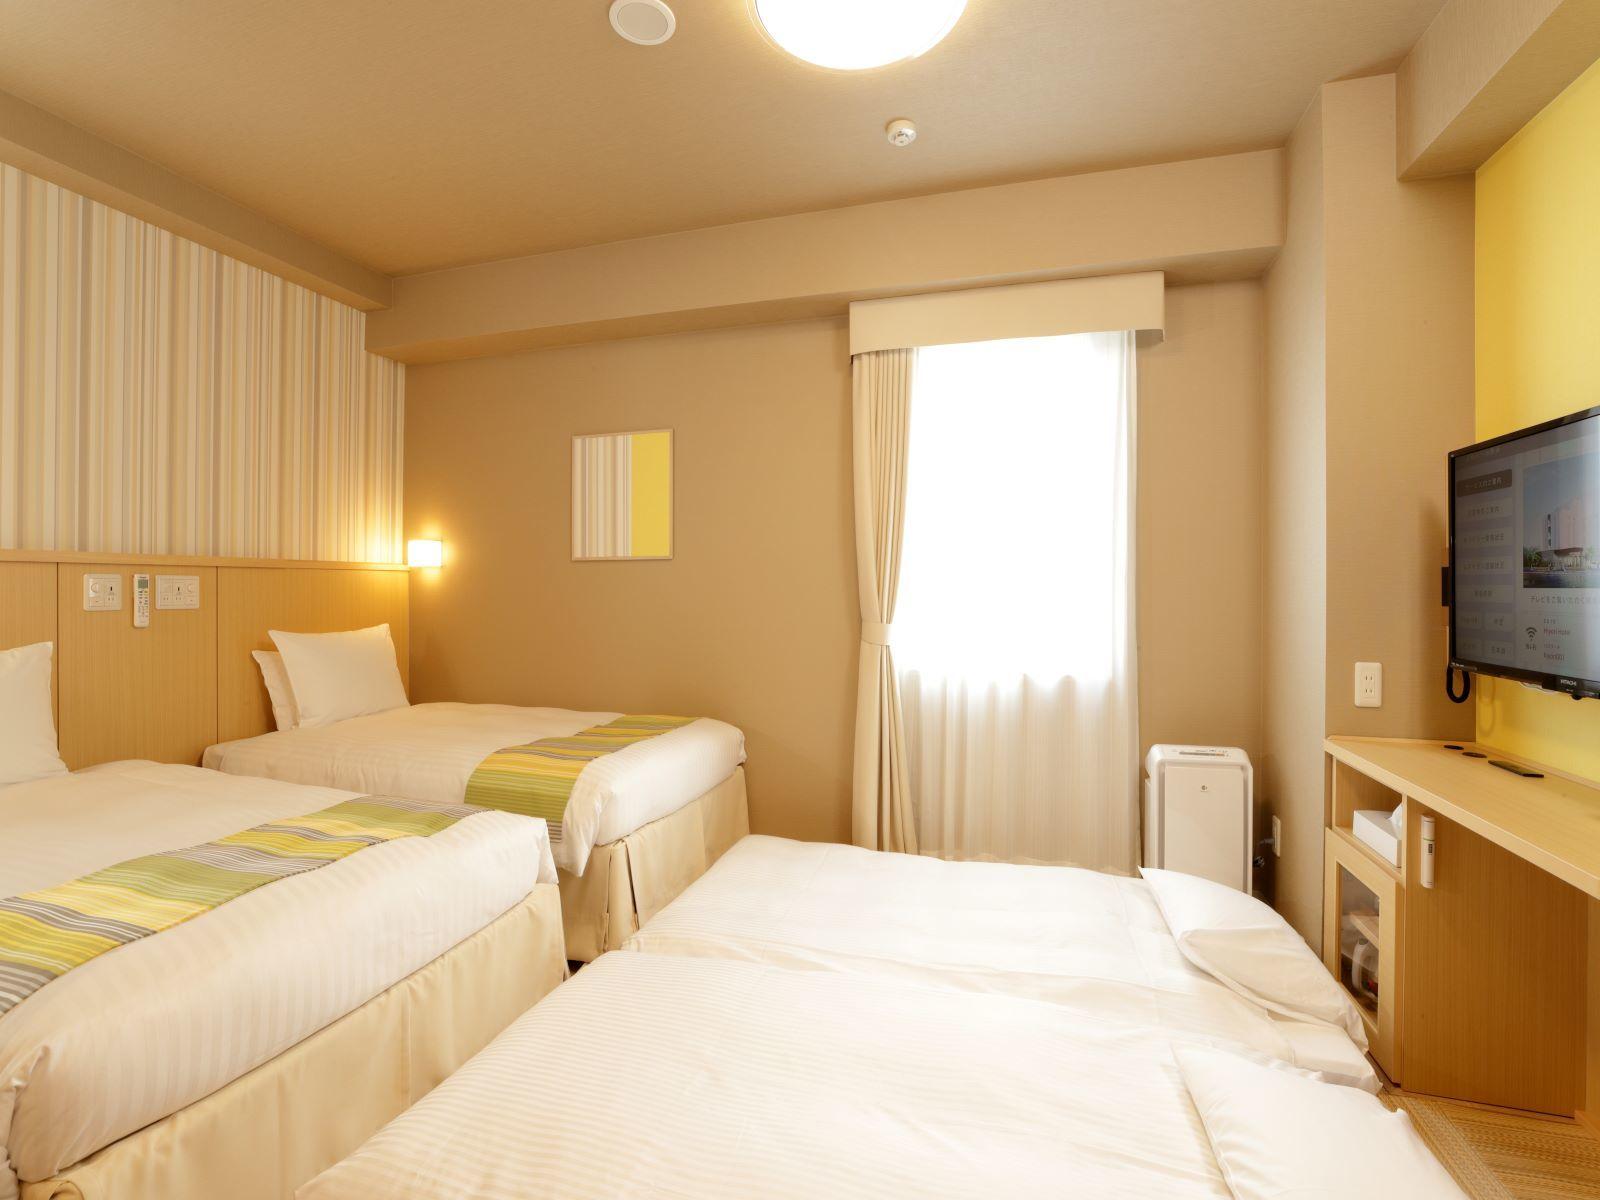 日和ホテル舞浜 / ツインルーム2~4名■禁煙 22平米【お子様も安心♪床材畳使用】